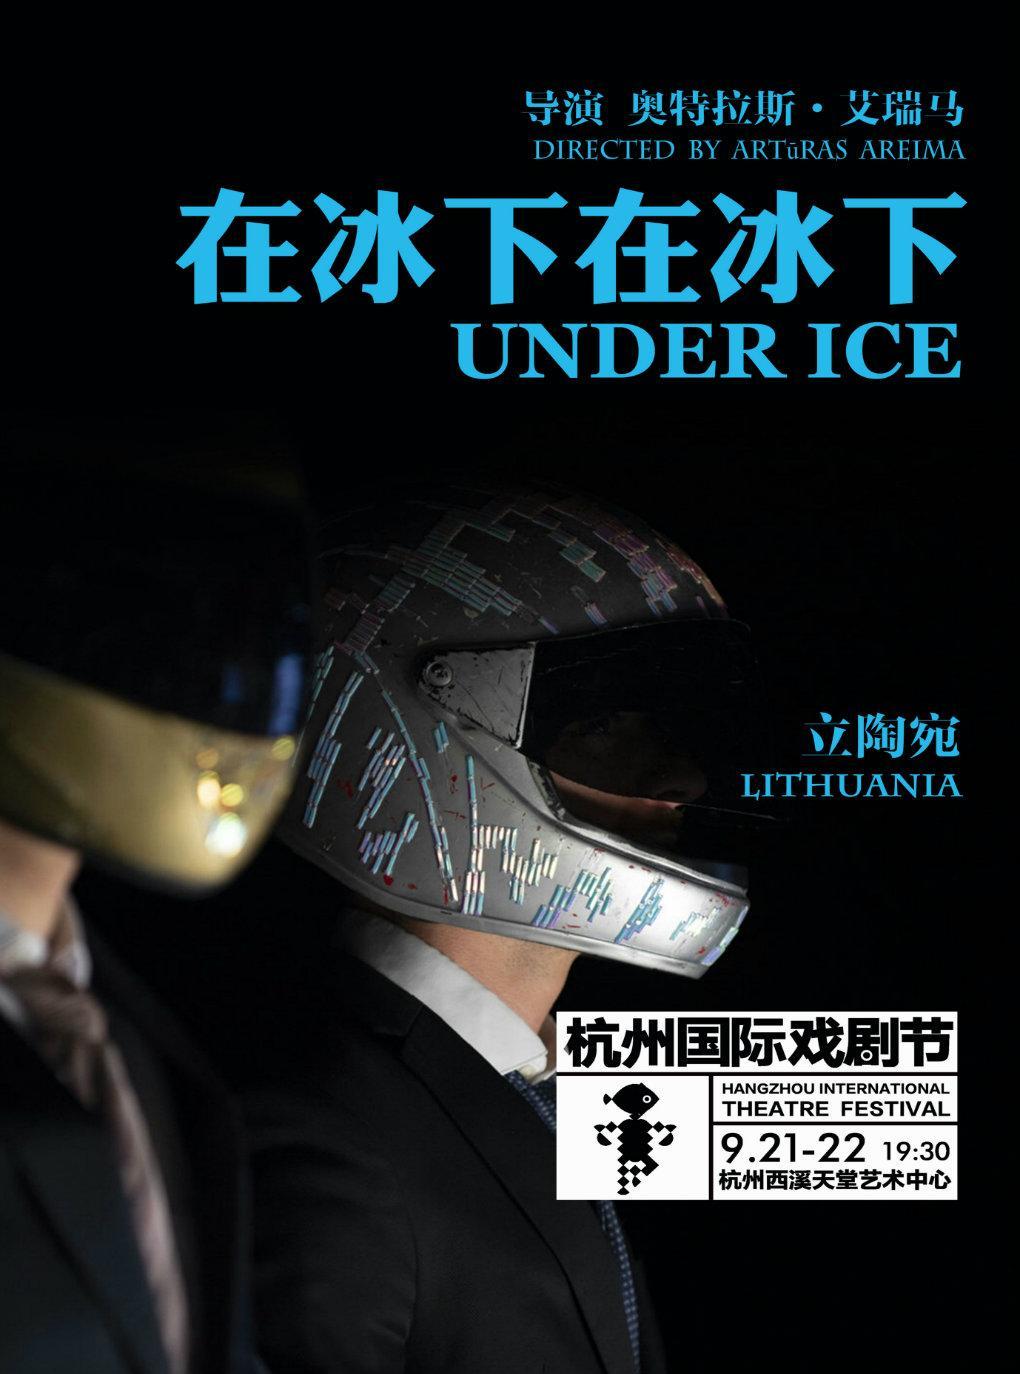 杭州 《在冰下,在冰下》